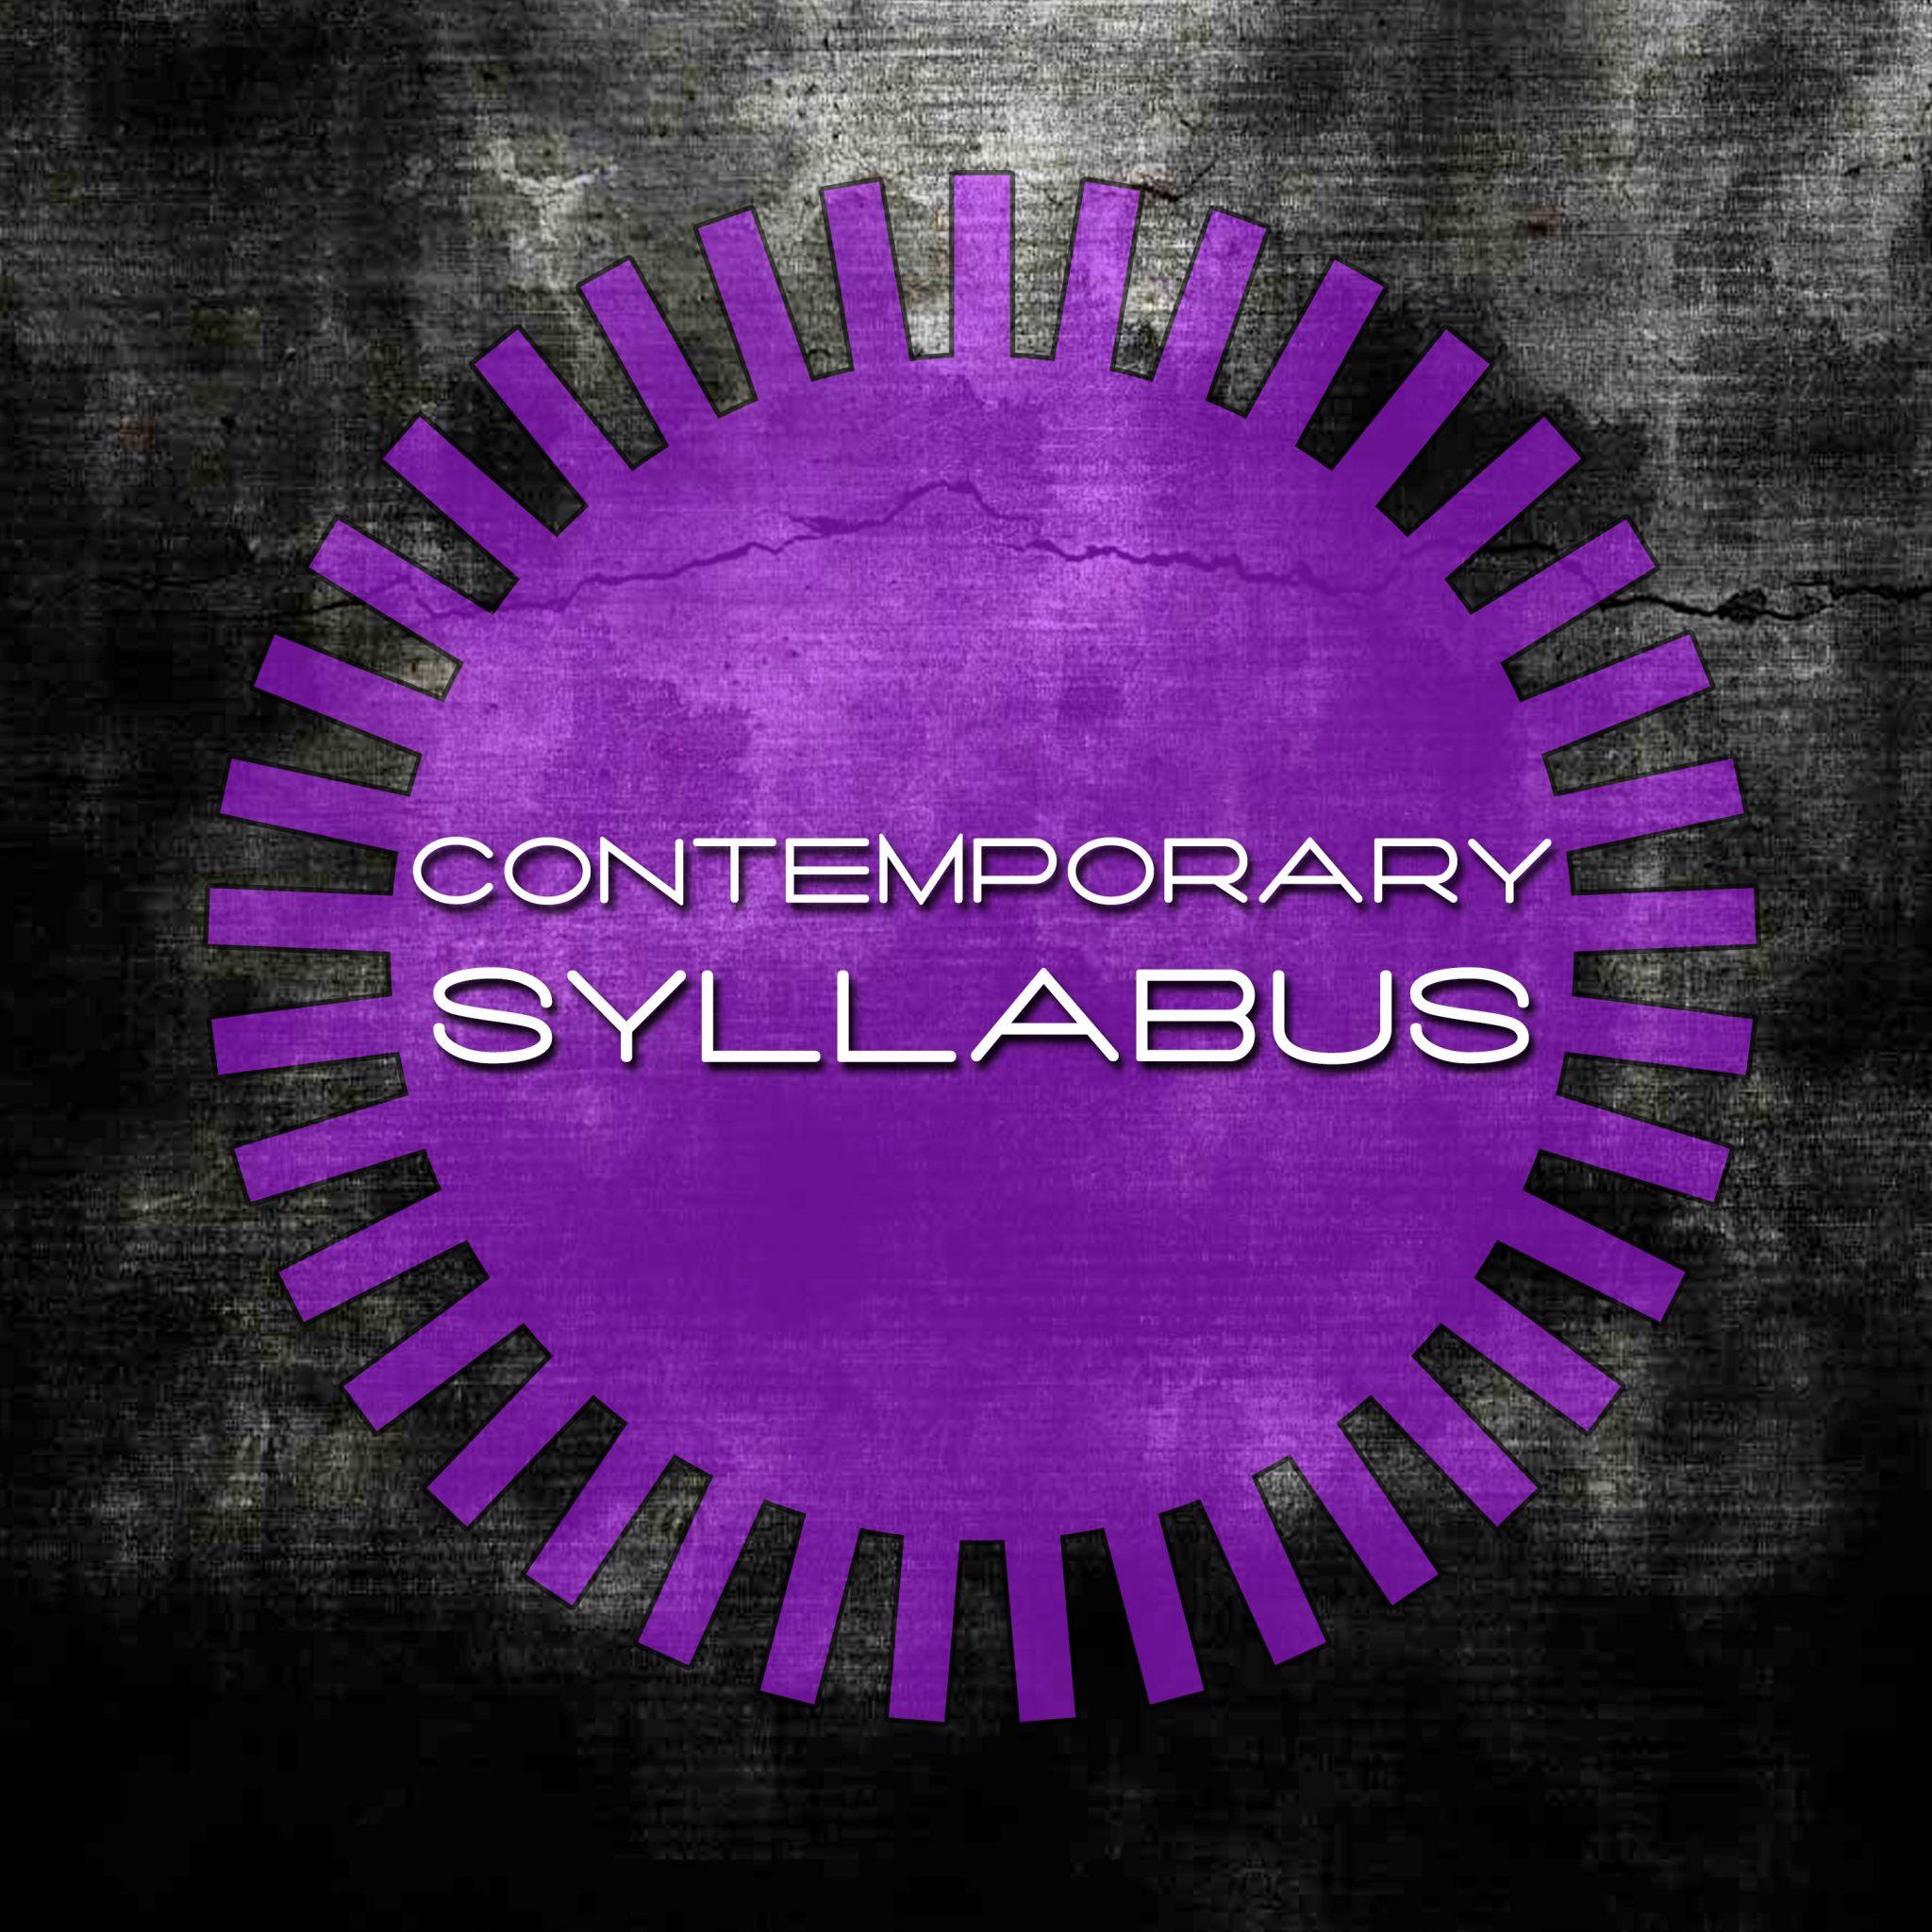 Contemporary Syllabus